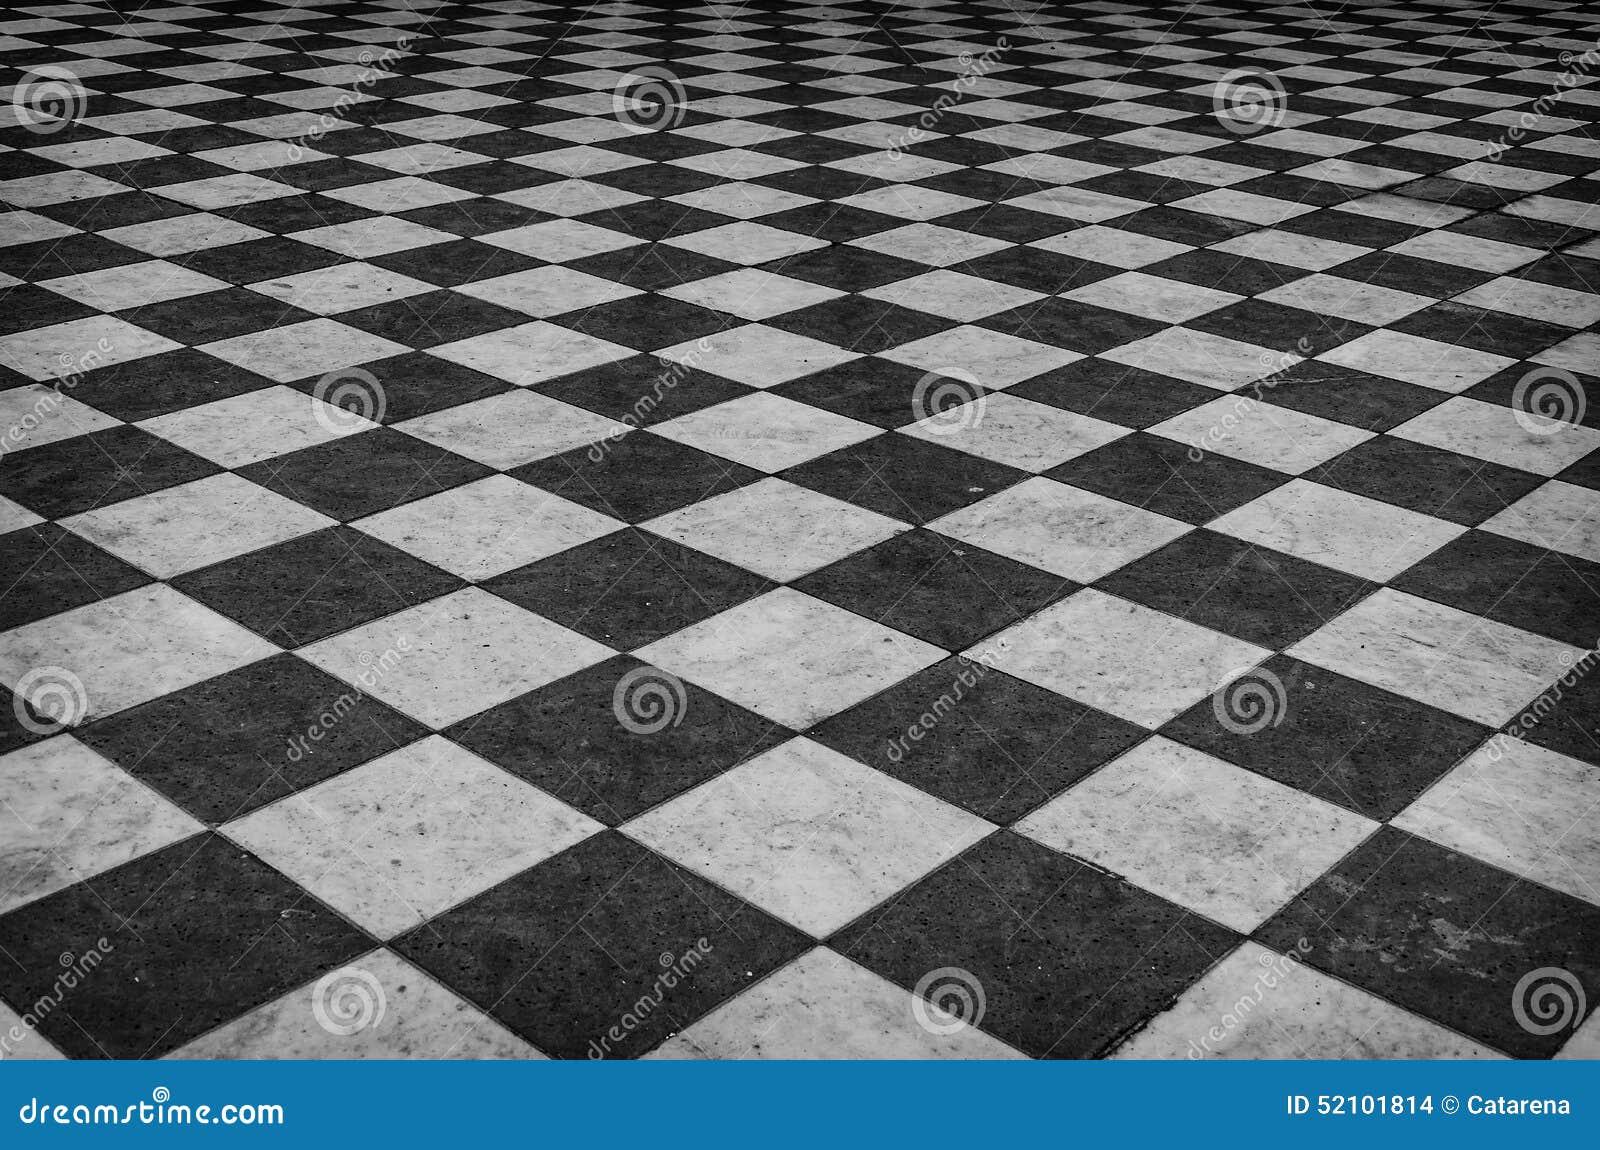 Piso de m rmol a cuadros blanco y negro foto de archivo for Piso marmol negro